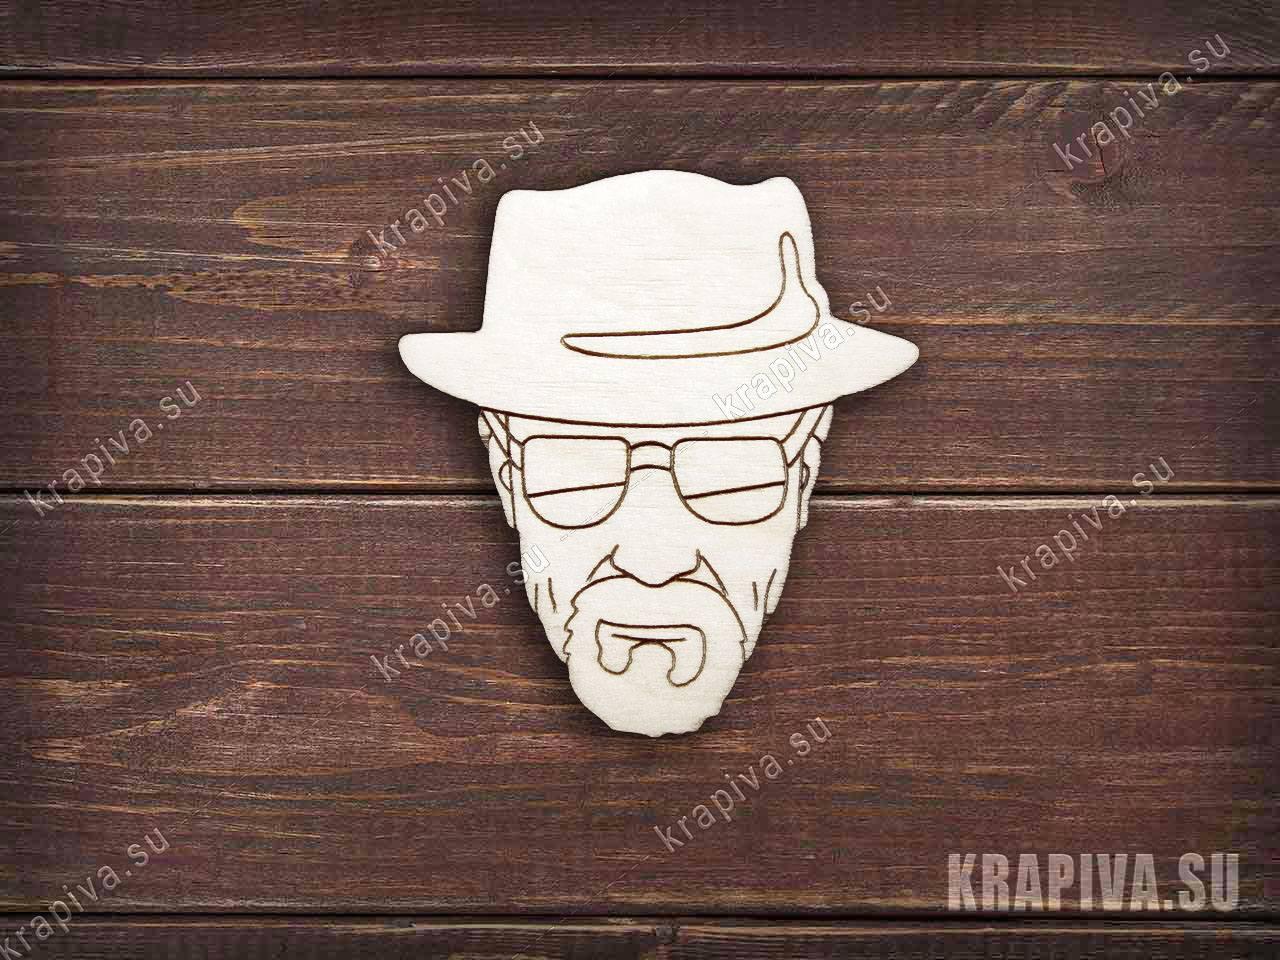 Хайзенберг №3 заготовка значка за 35 руб. в магазине Крапива (krapiva.su) (фото)